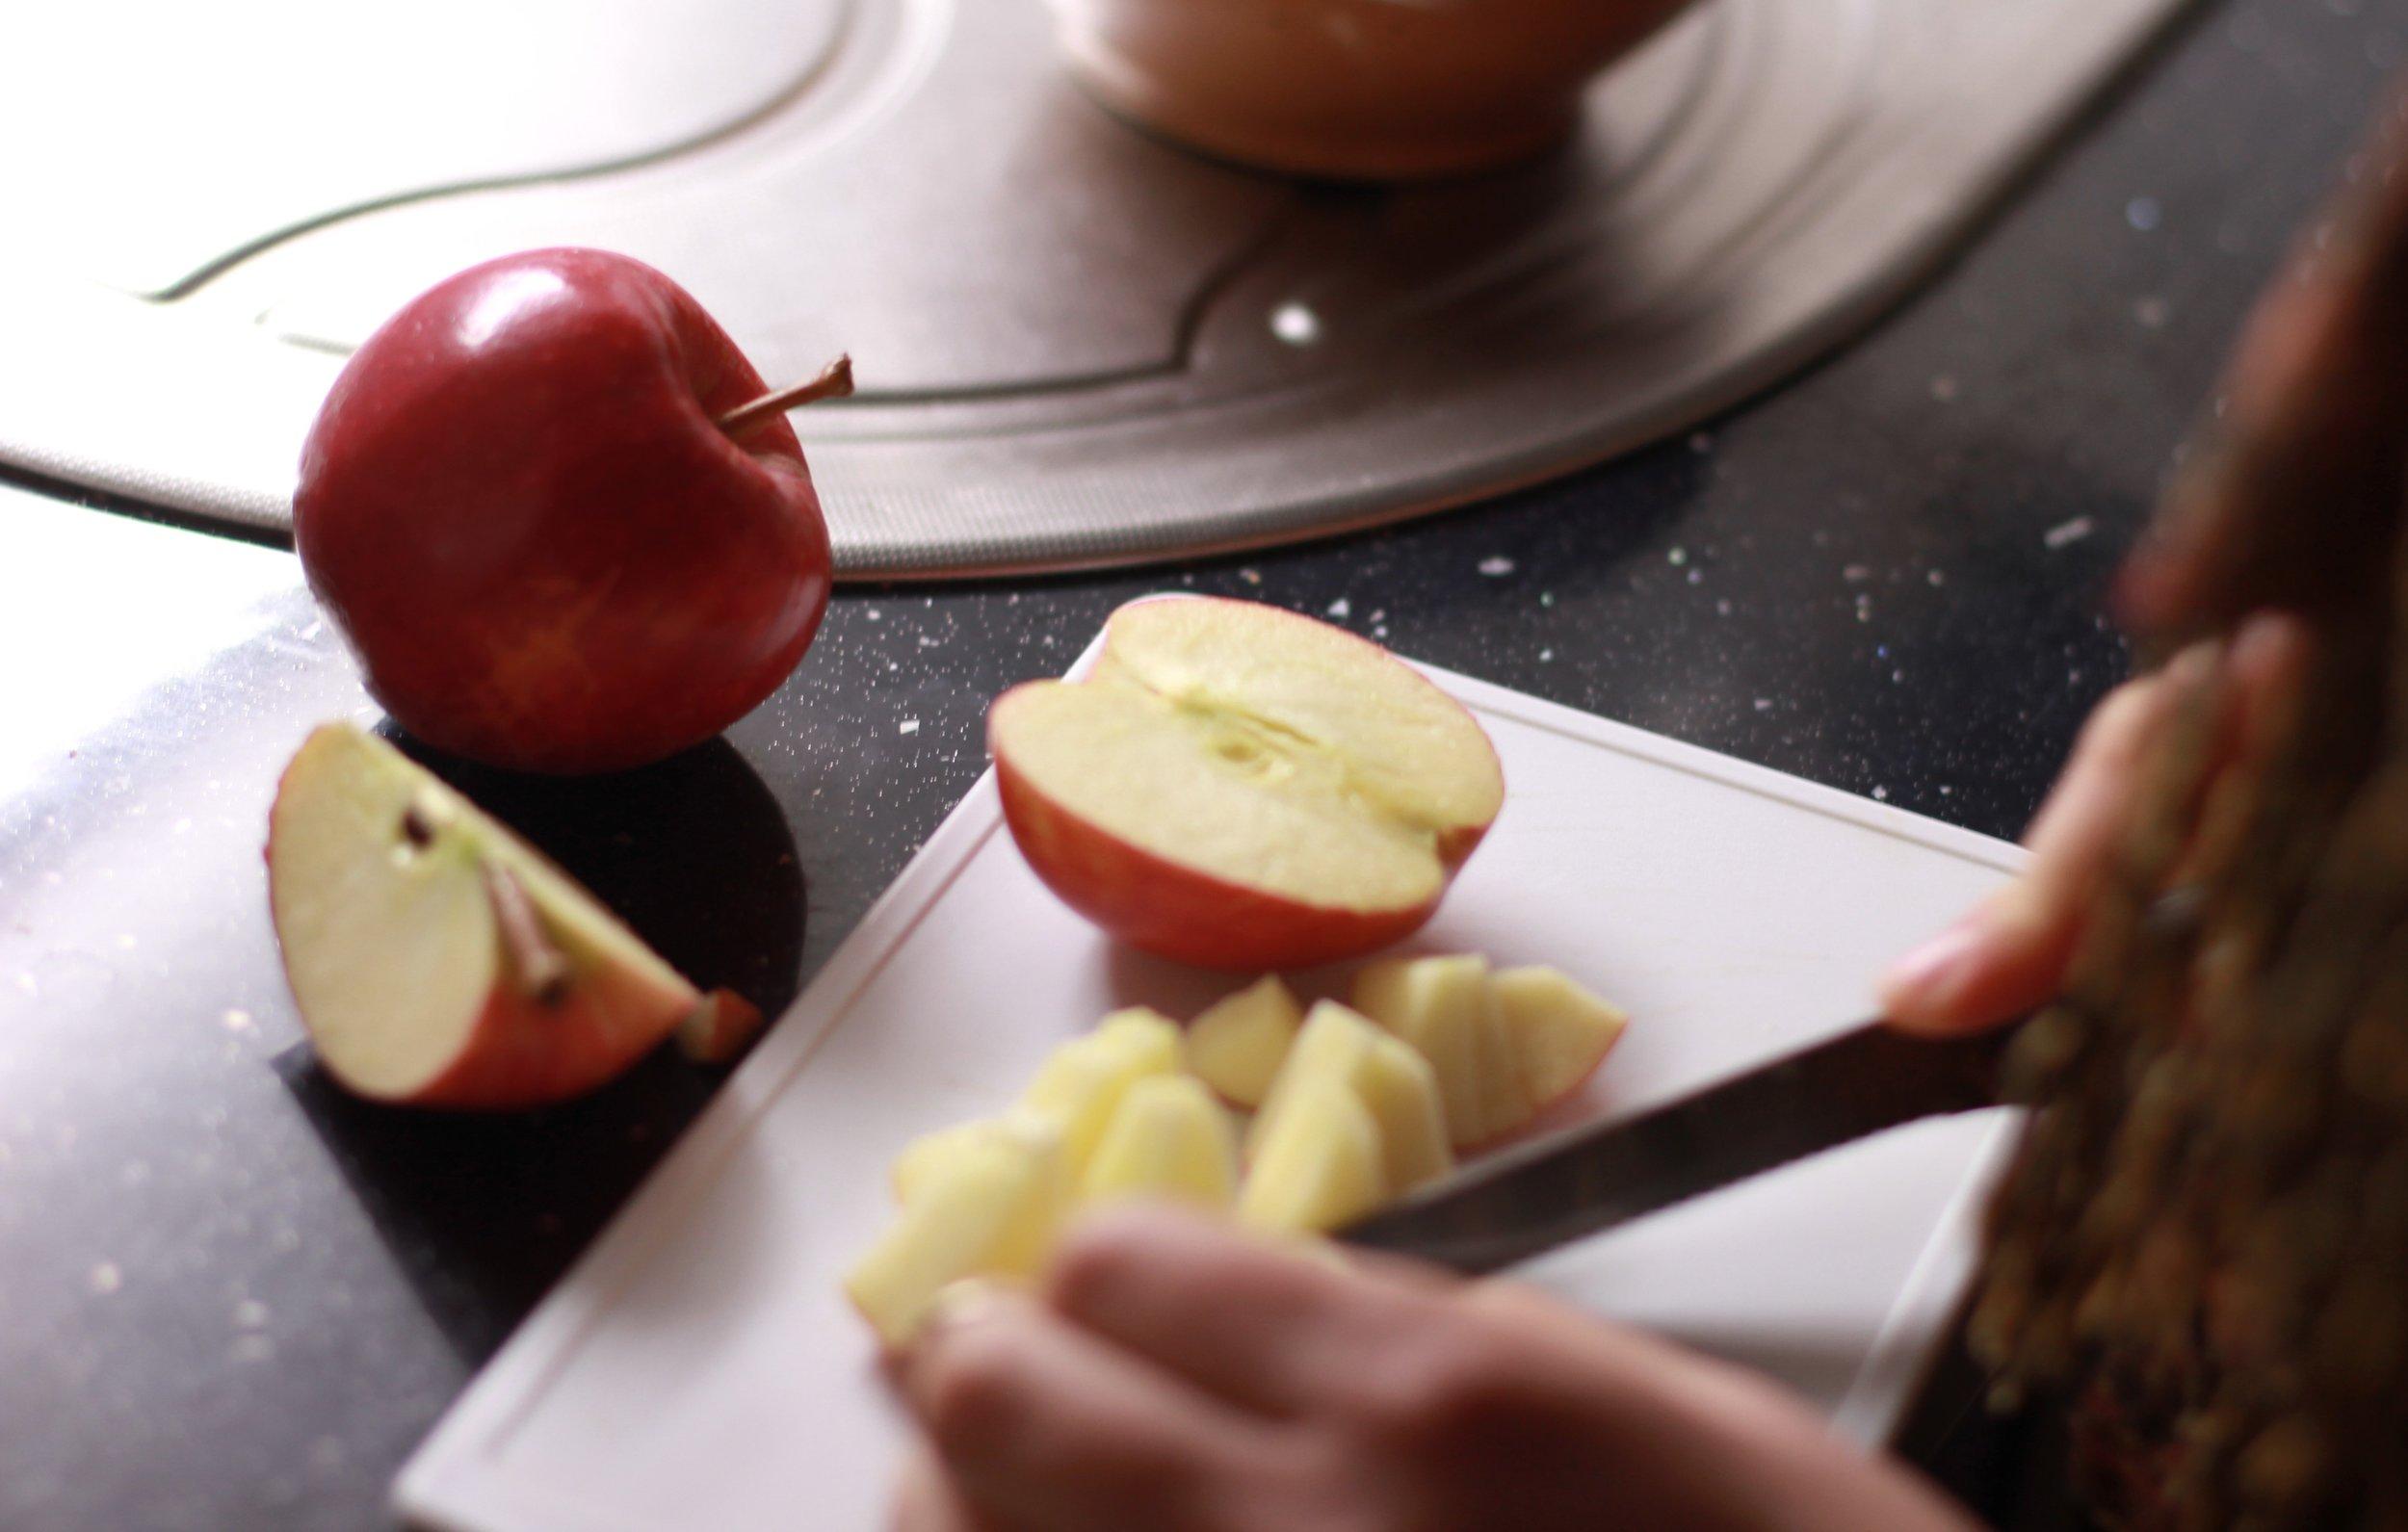 gallete à la pomme dans le four grille-pain | seekthewelfare